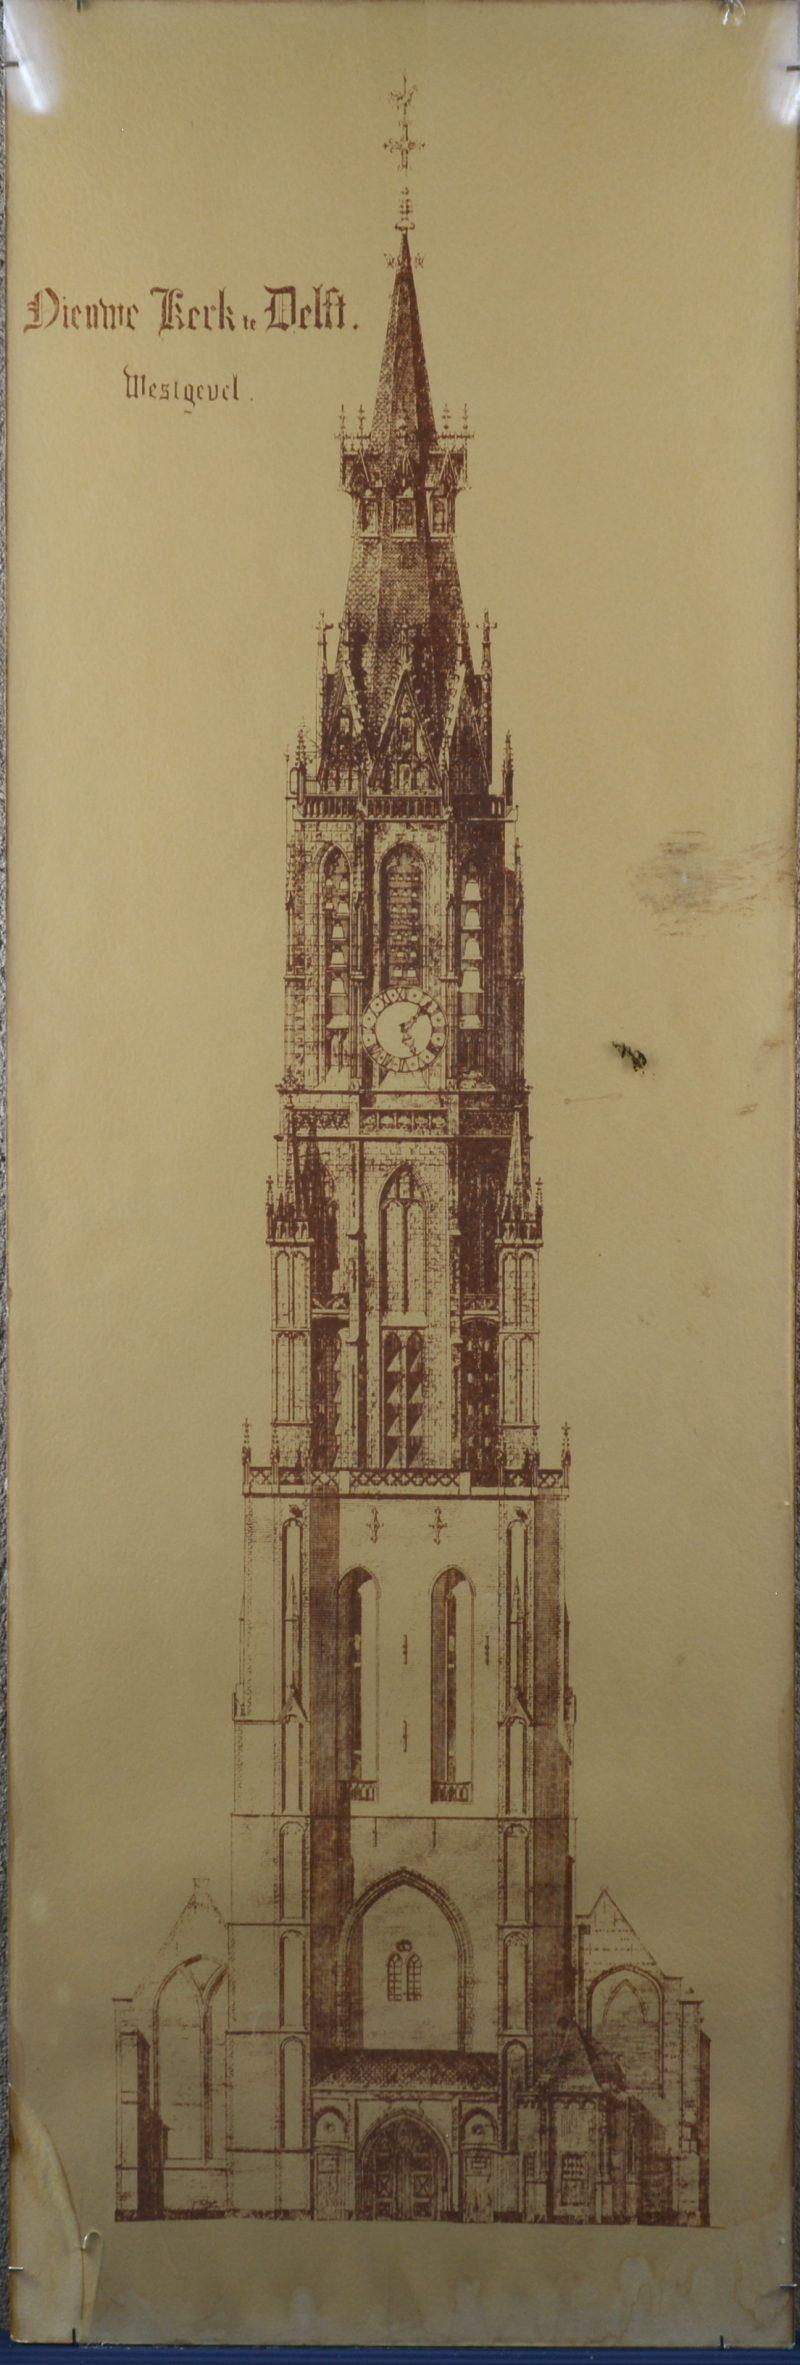 """""""Nieuwe Kerk, Delft, Westgevel"""". Een zeefdruk achter glas. (Hoekje afebroken)"""